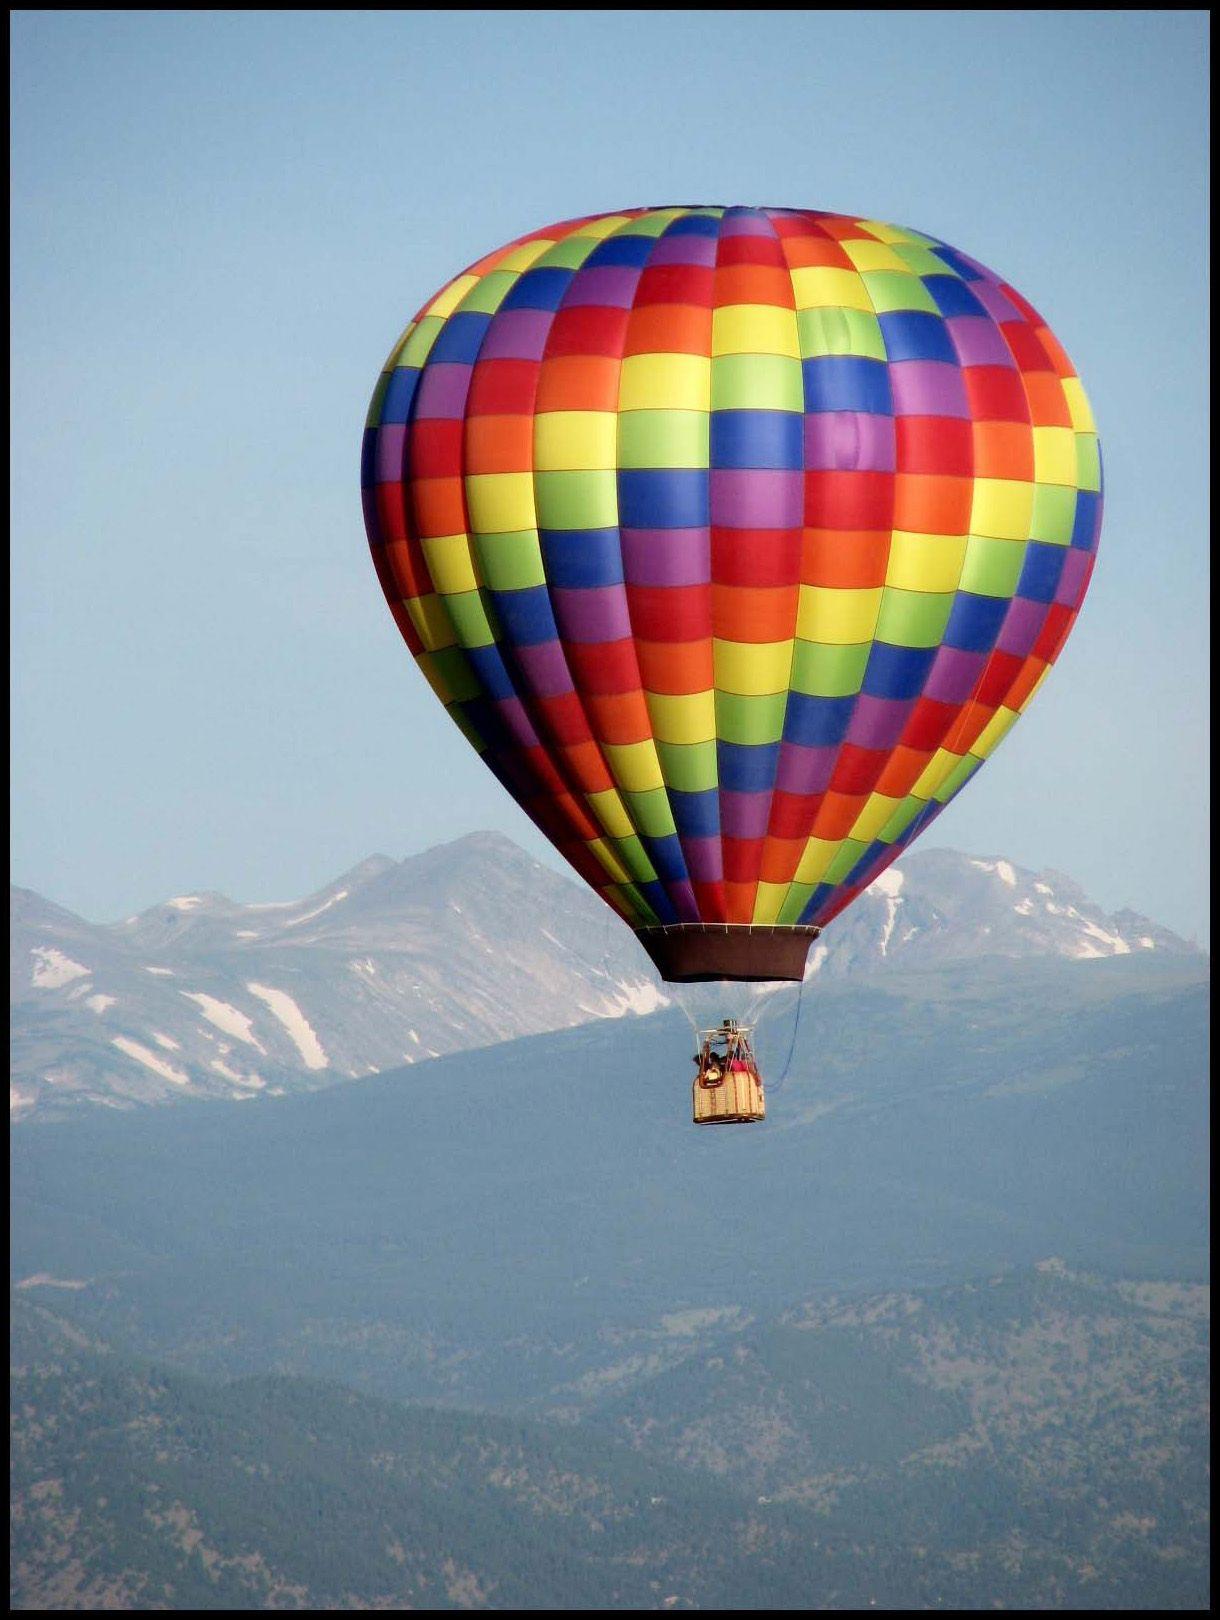 Maryland Hot Air Balloon Flights Rides